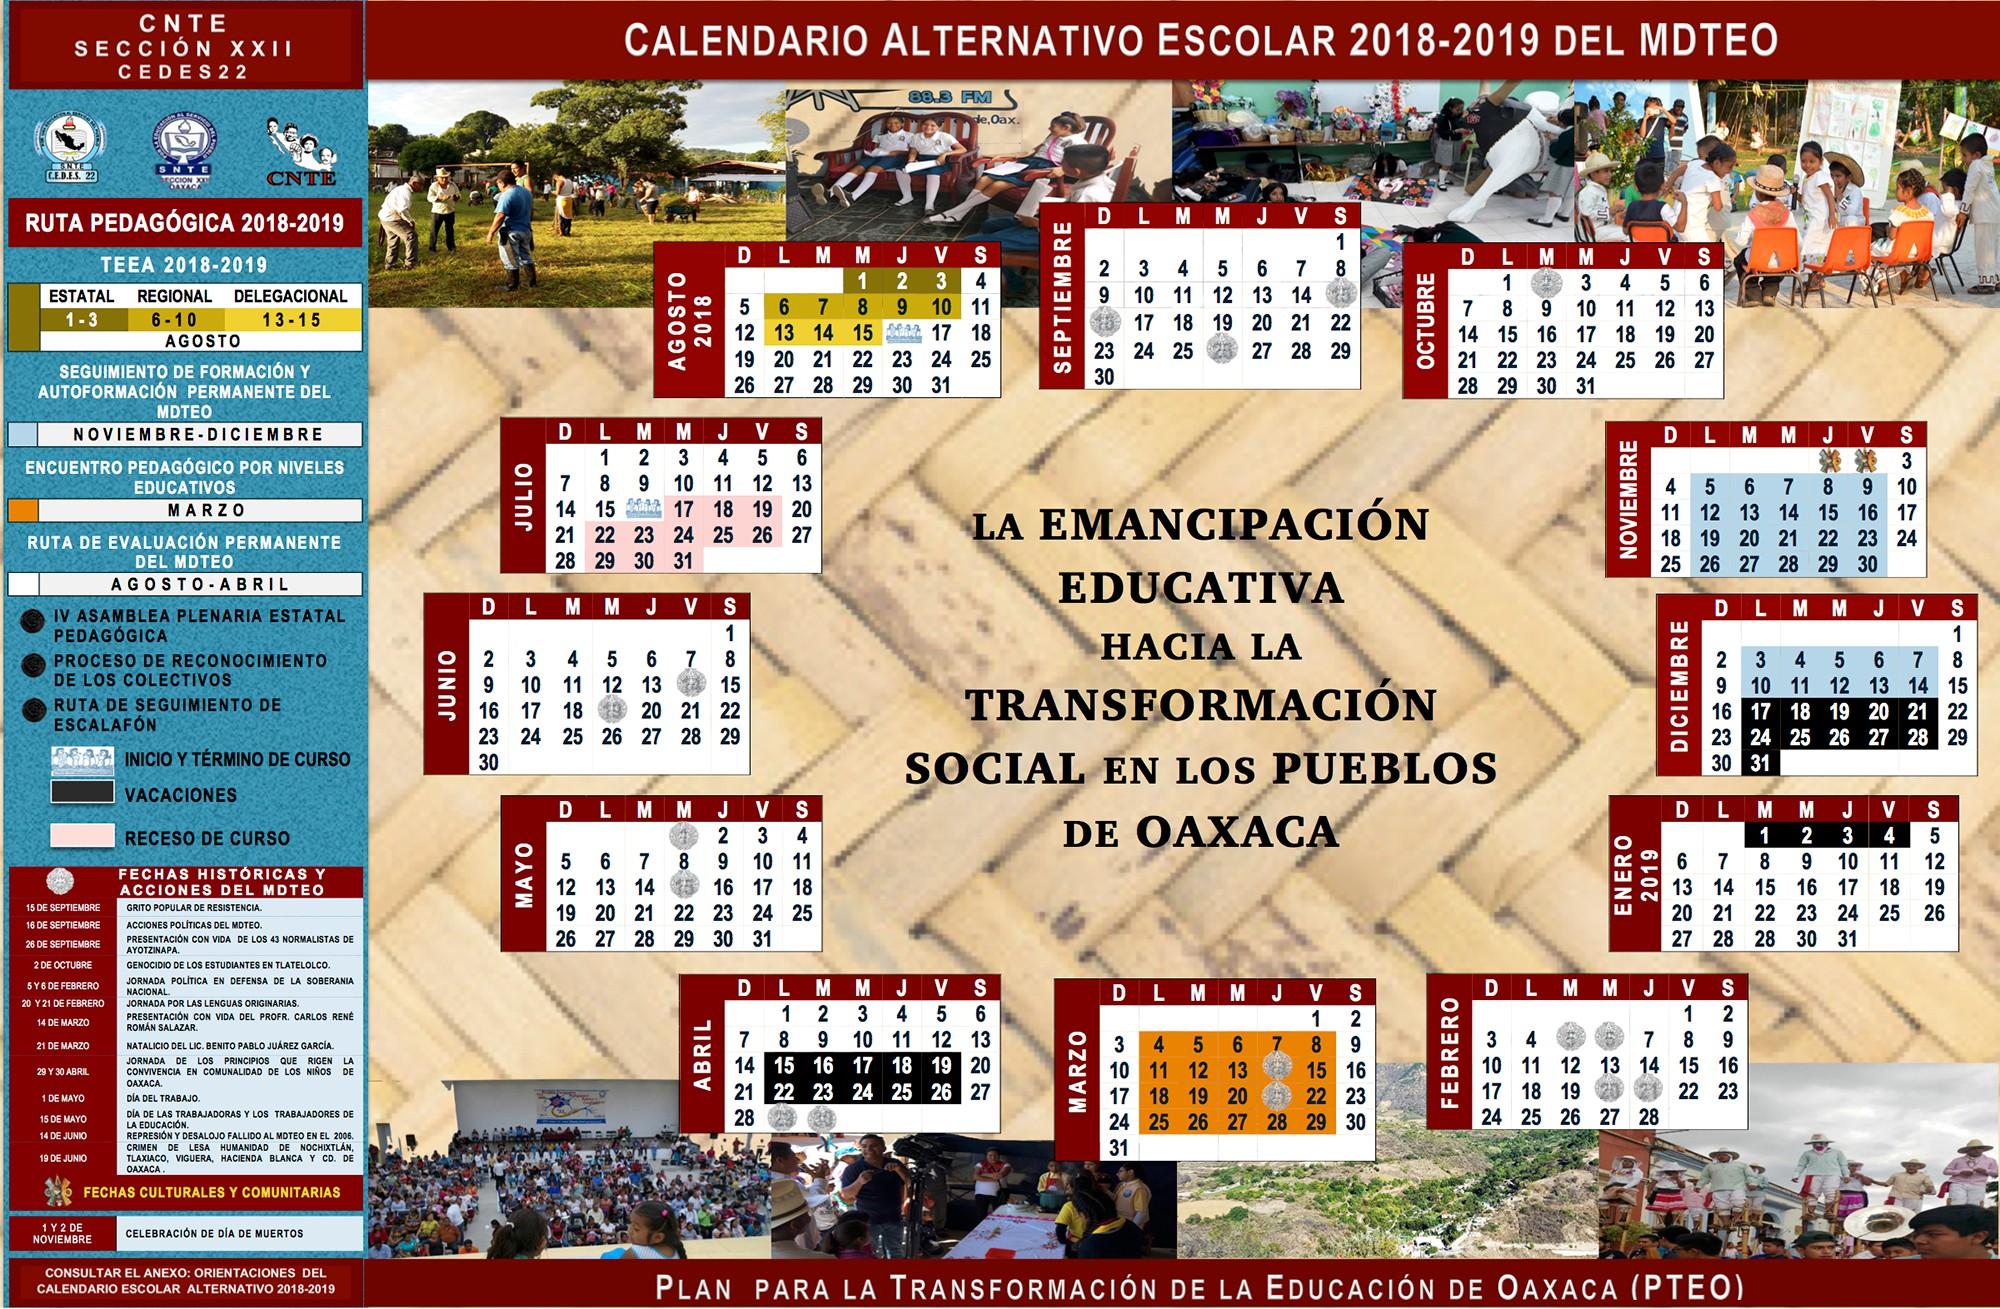 Calendario Escolar 2019 Guerrero Recientes Calendario Alternativo Escolar 2018 2019 Del Mdteo Of Calendario Escolar 2019 Guerrero Más Recientes Maestra En Humanidades Horarios De Clases